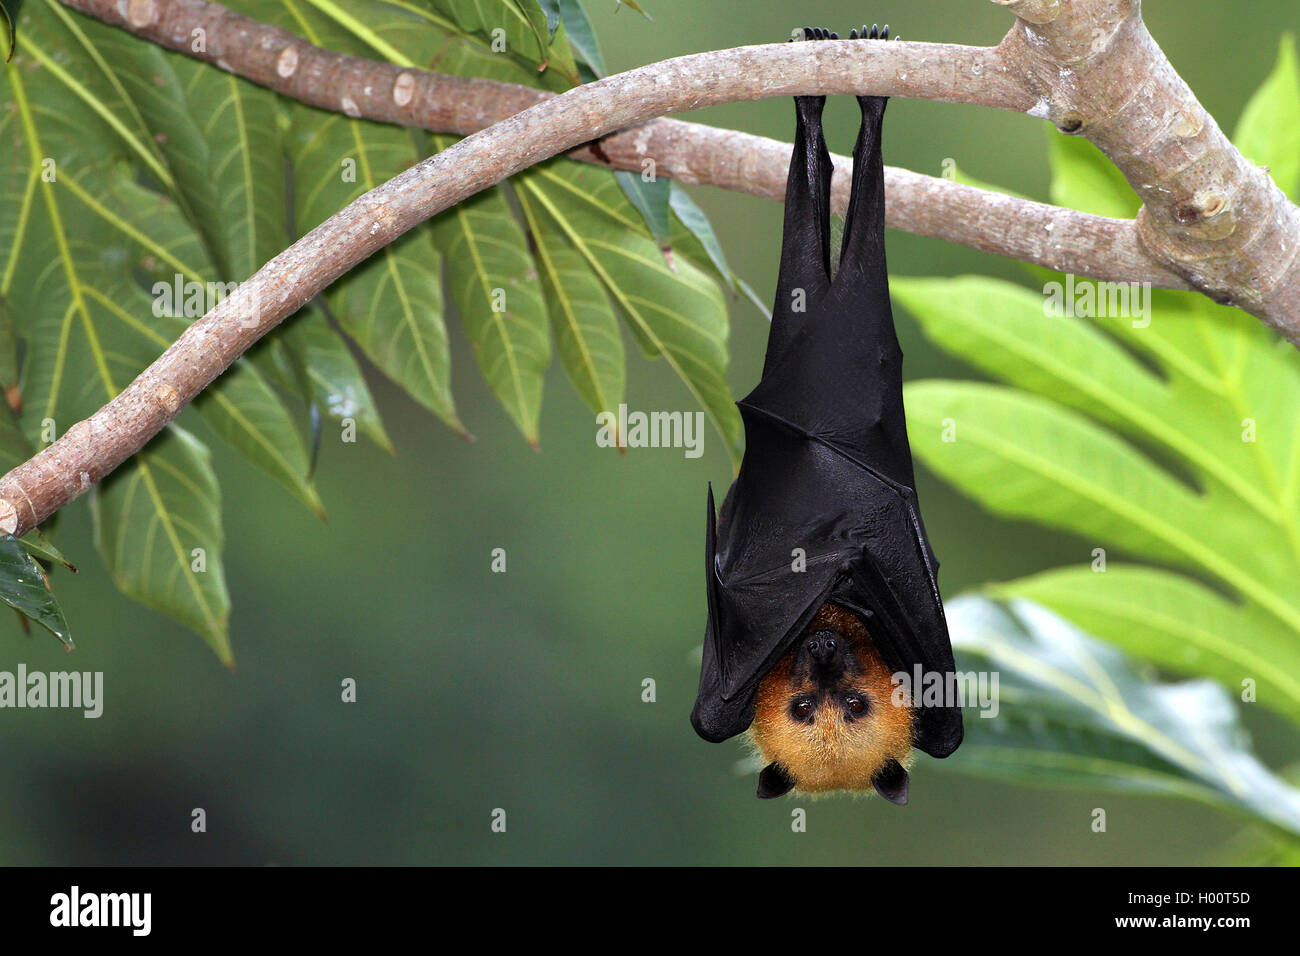 Seychellen-Flughund, Seychellenflughund (Pteropus seychellensis), haengt an einem Ast im Baum, Seychellen | seychelles - Stock Image